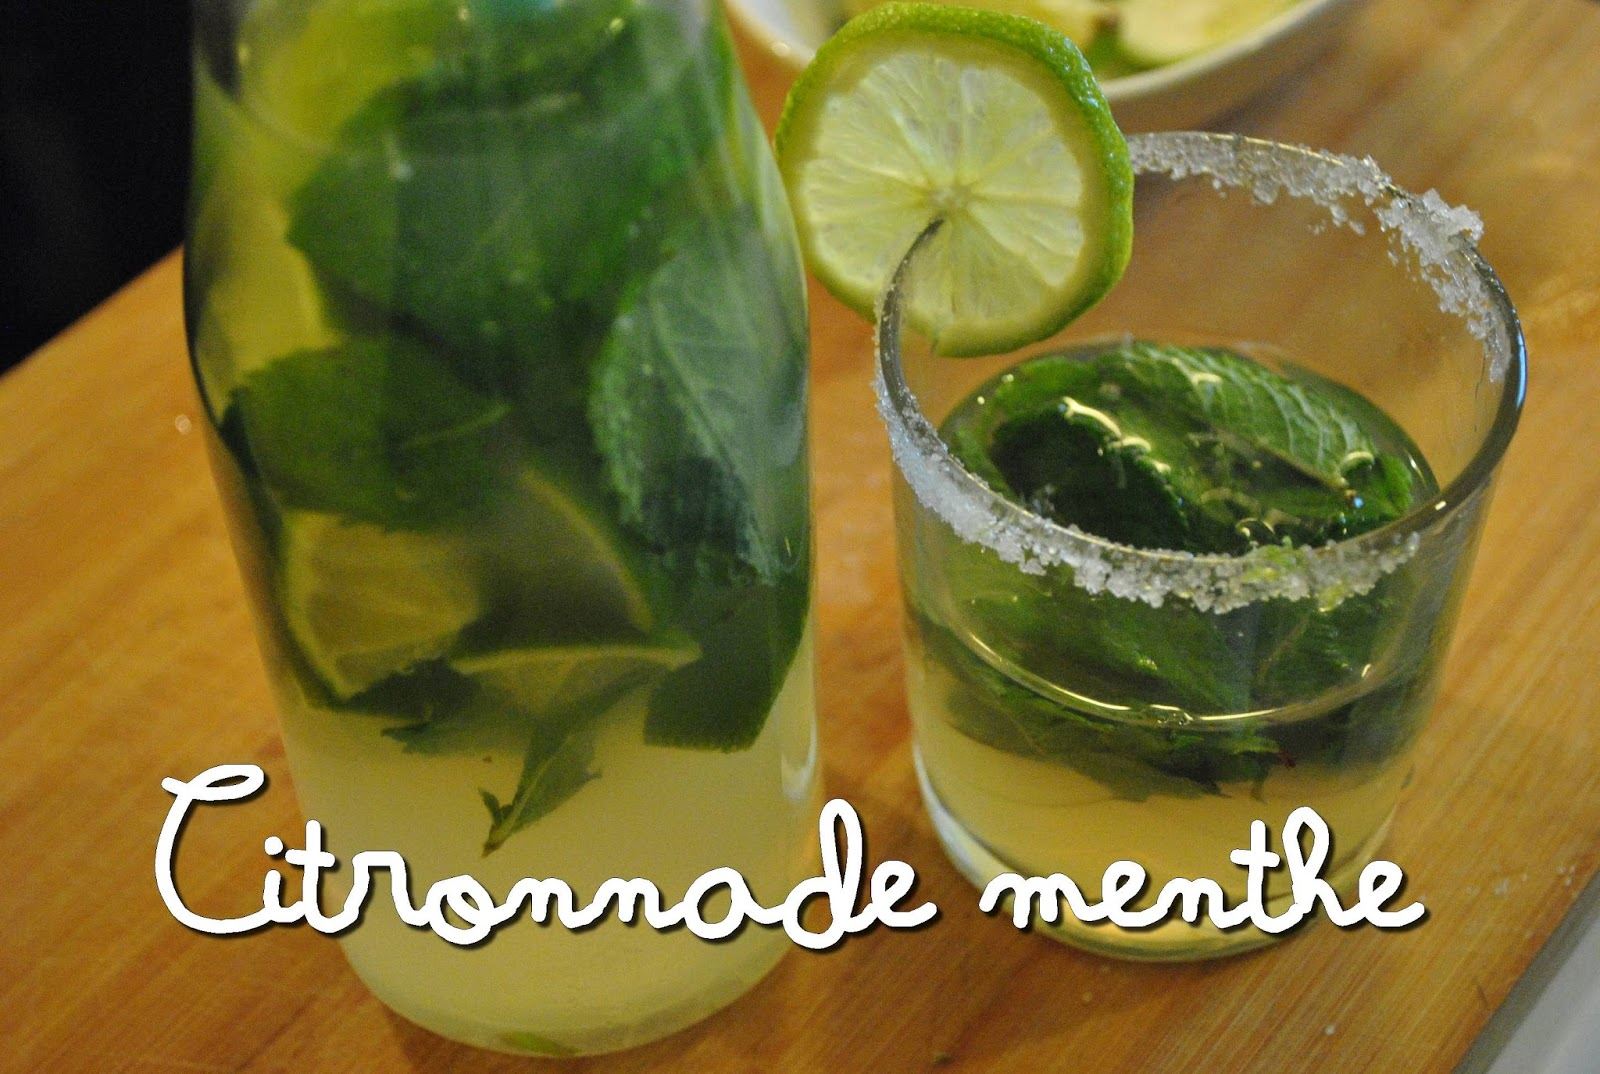 citronnade menthe limonade